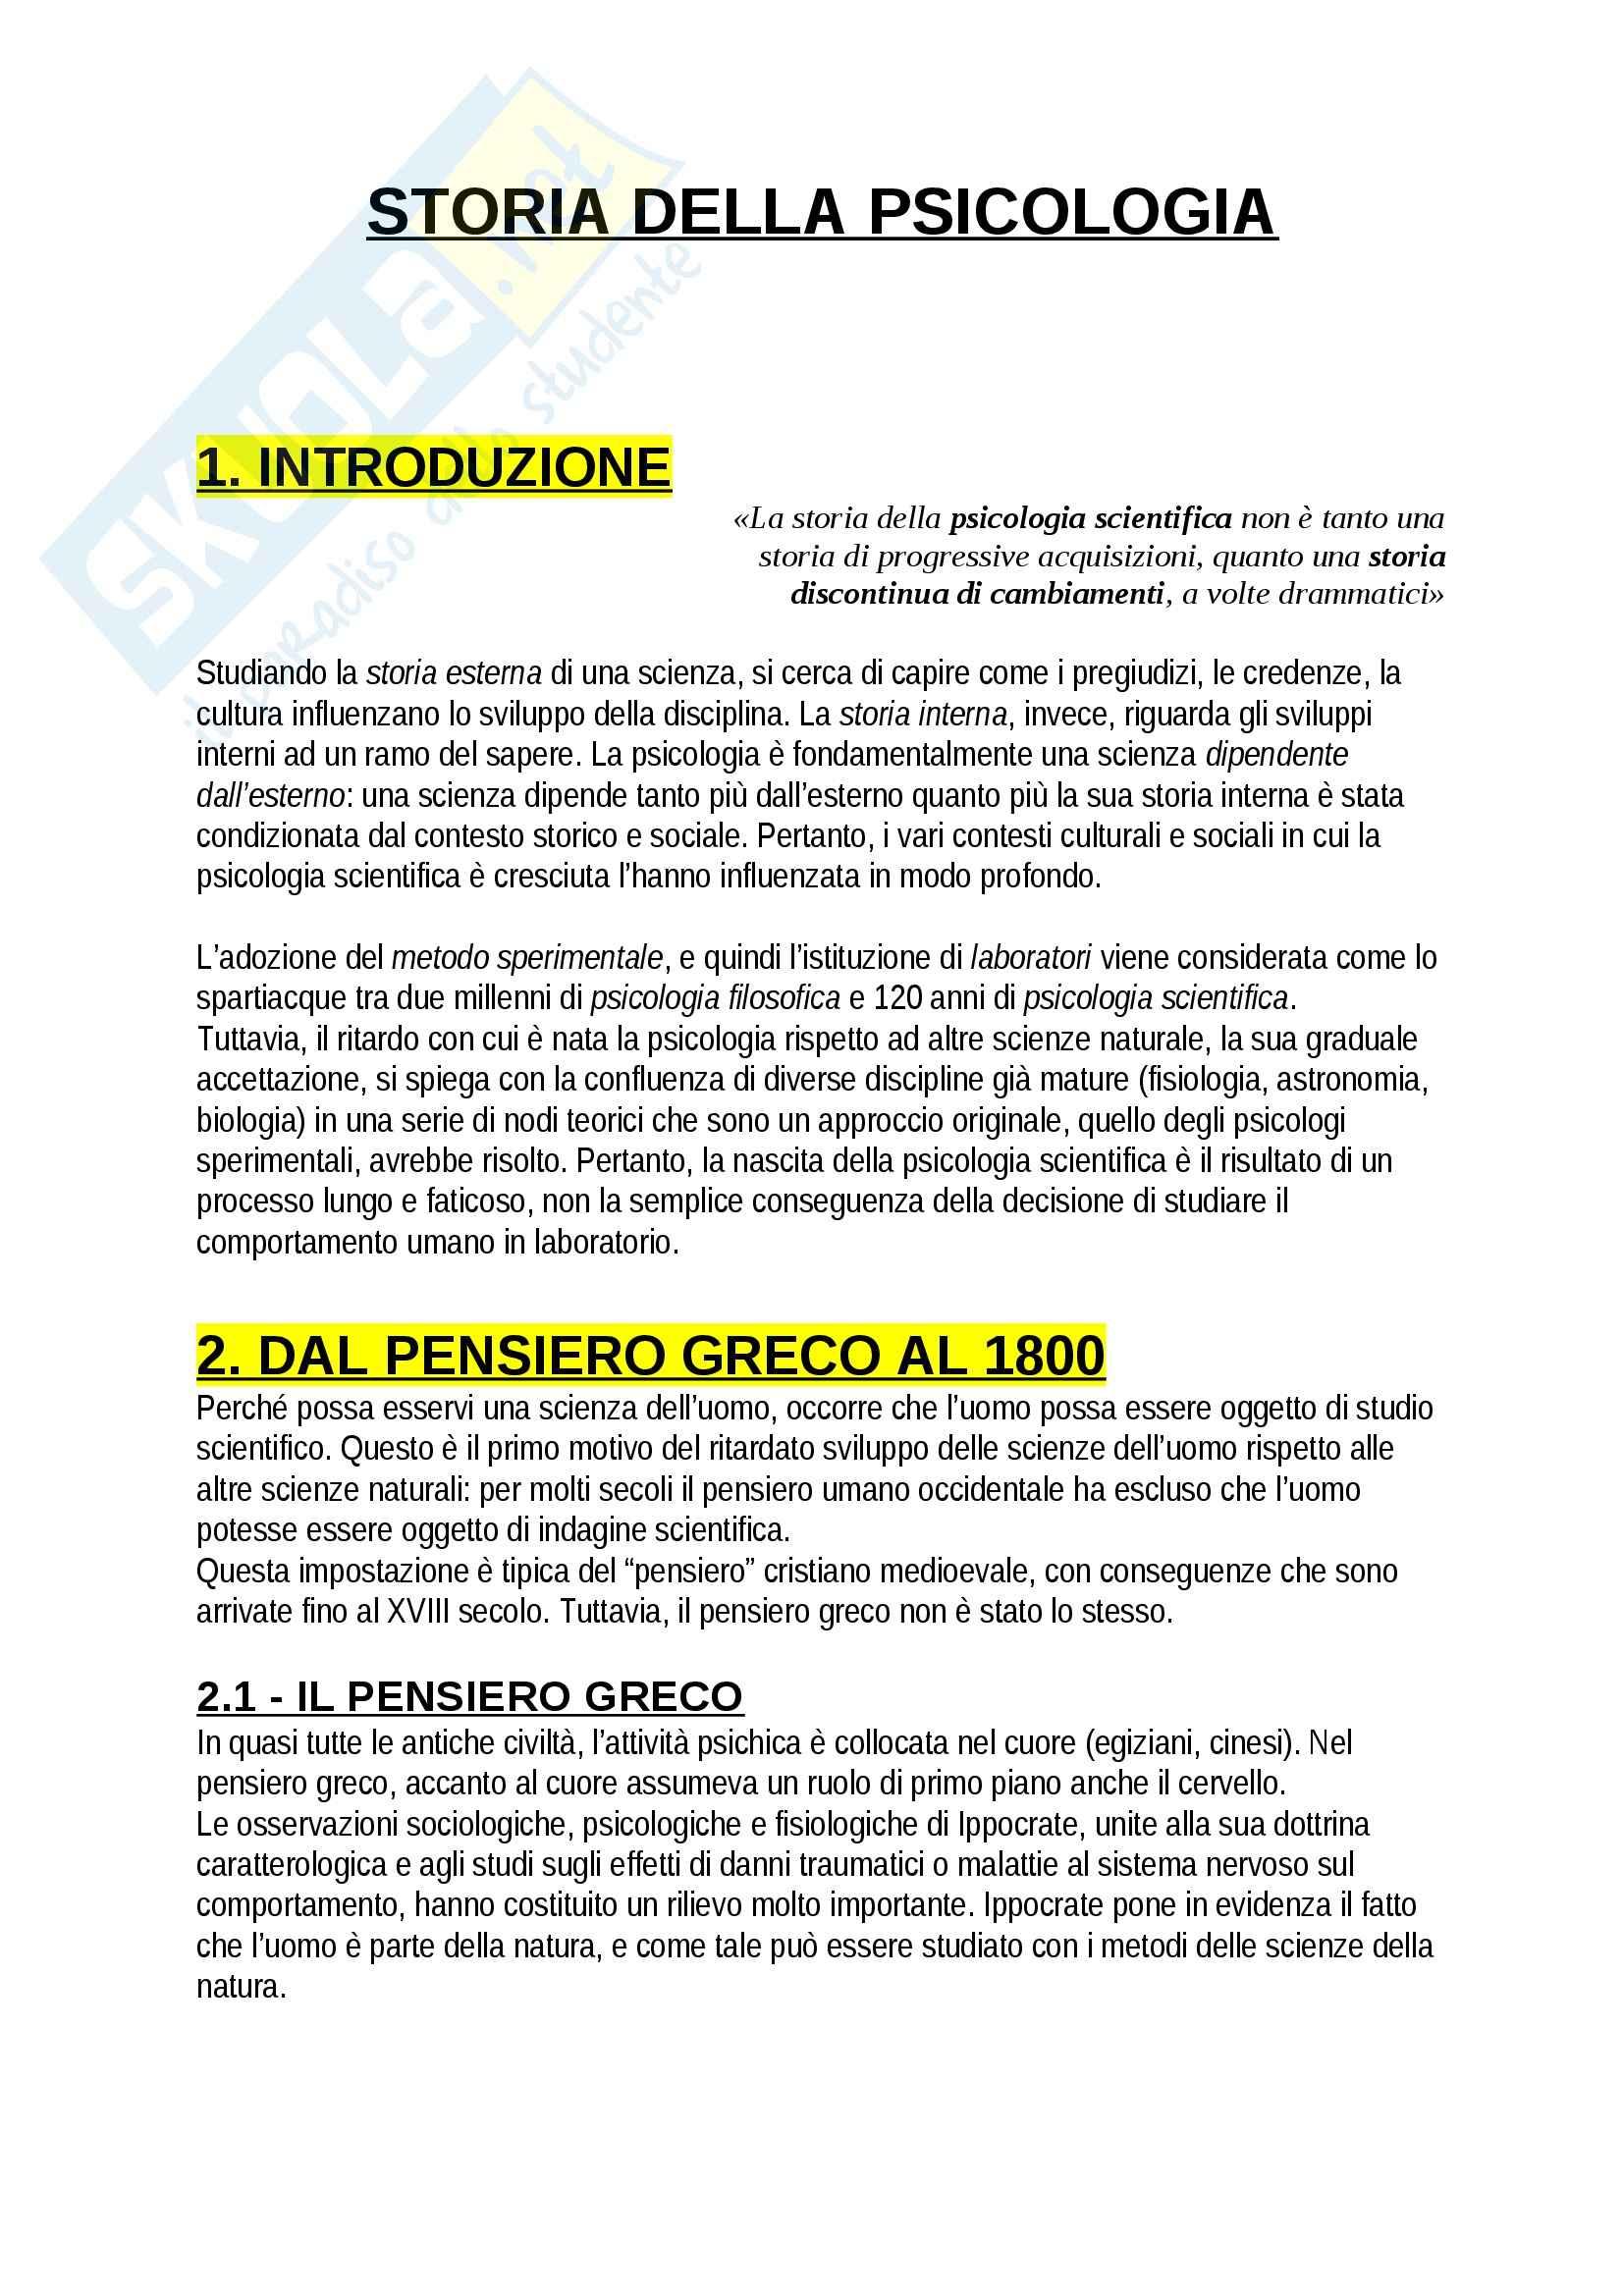 Riassunto esame Psicologia, prof. Giannini, libro consigliato Storia della psicologia, Legrenzi